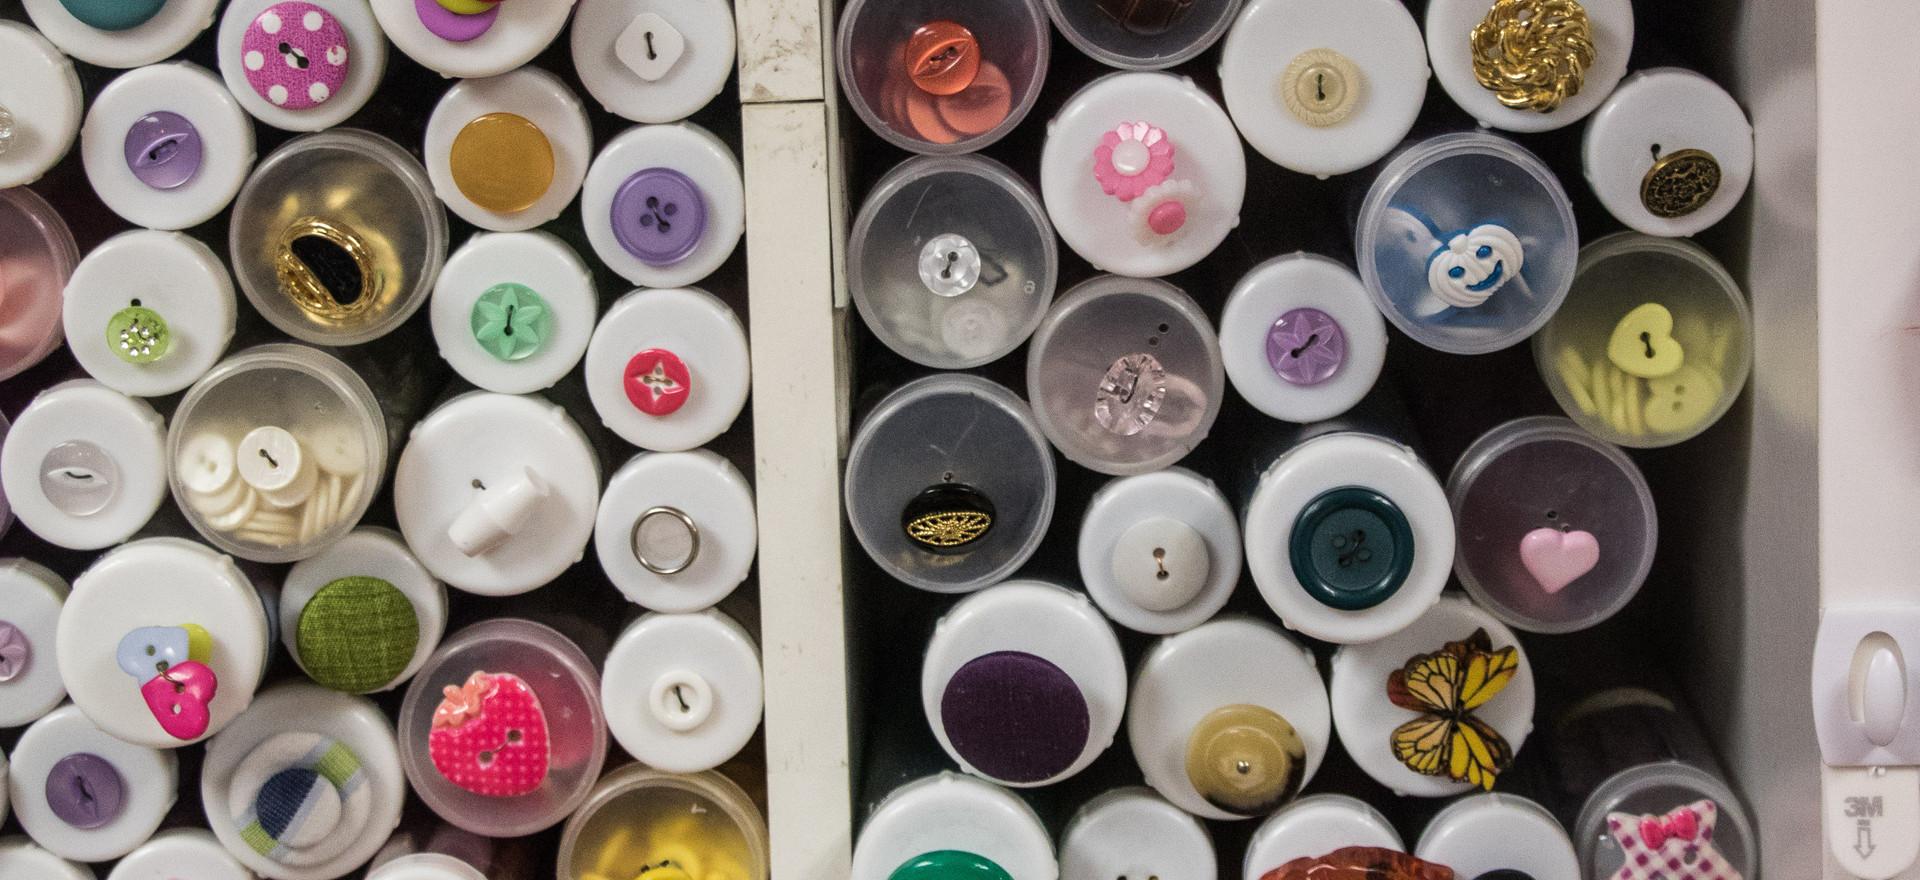 buttons4 (1 of 1).jpg